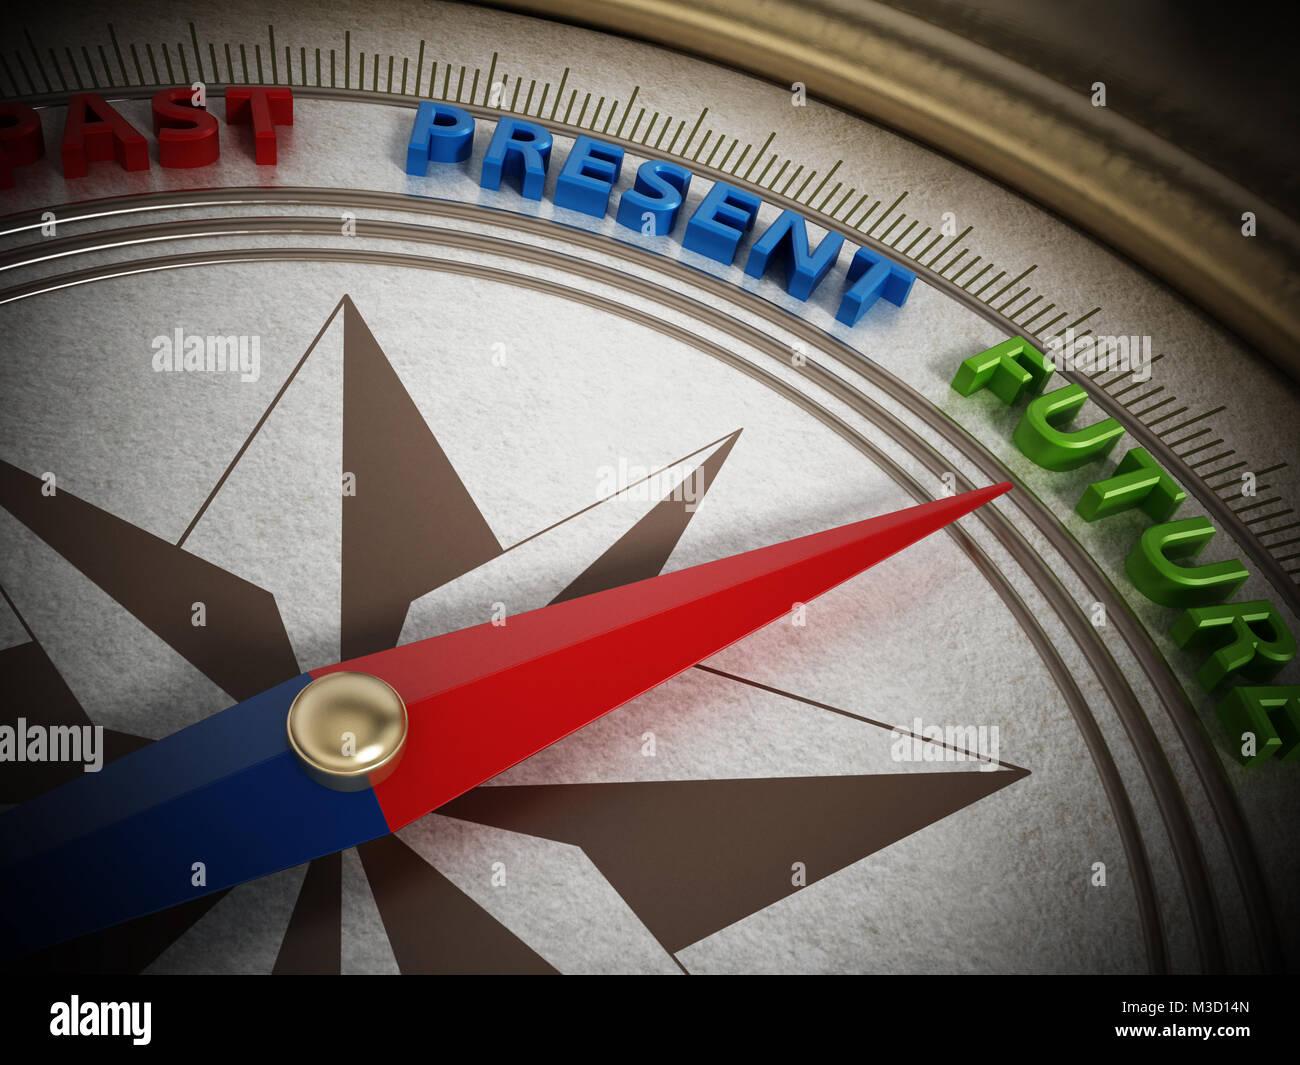 La aguja de la brújula apuntando futuras entre el pasado y el presente. Ilustración 3D. Imagen De Stock